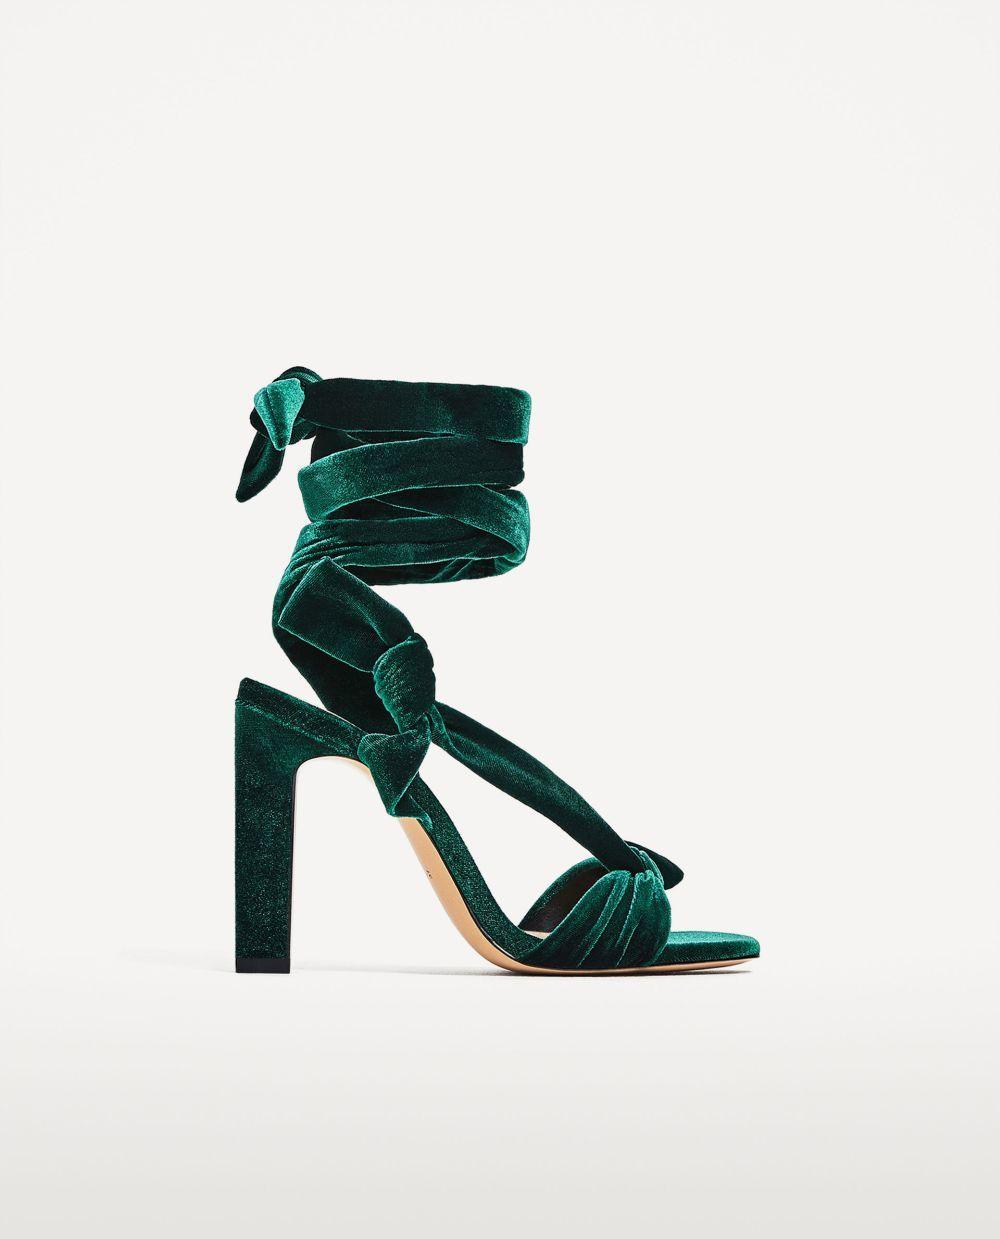 Sandalias con lazada. De Zara (29,95 euros).